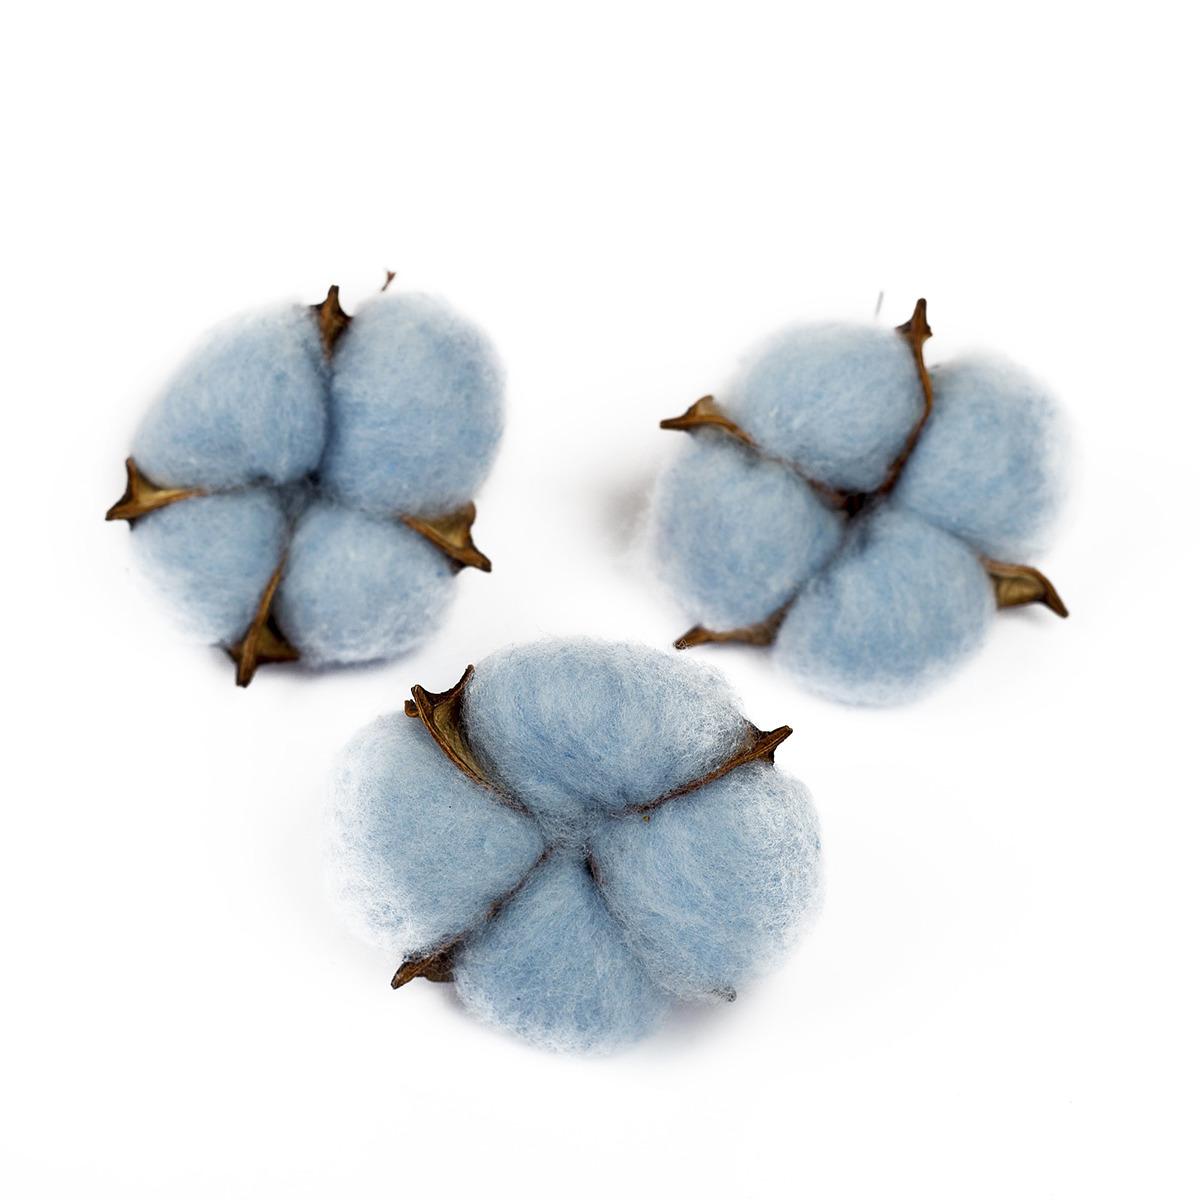 сухие бассейны Сухие цветы хлопка, 4104737, голубой, 3 шт